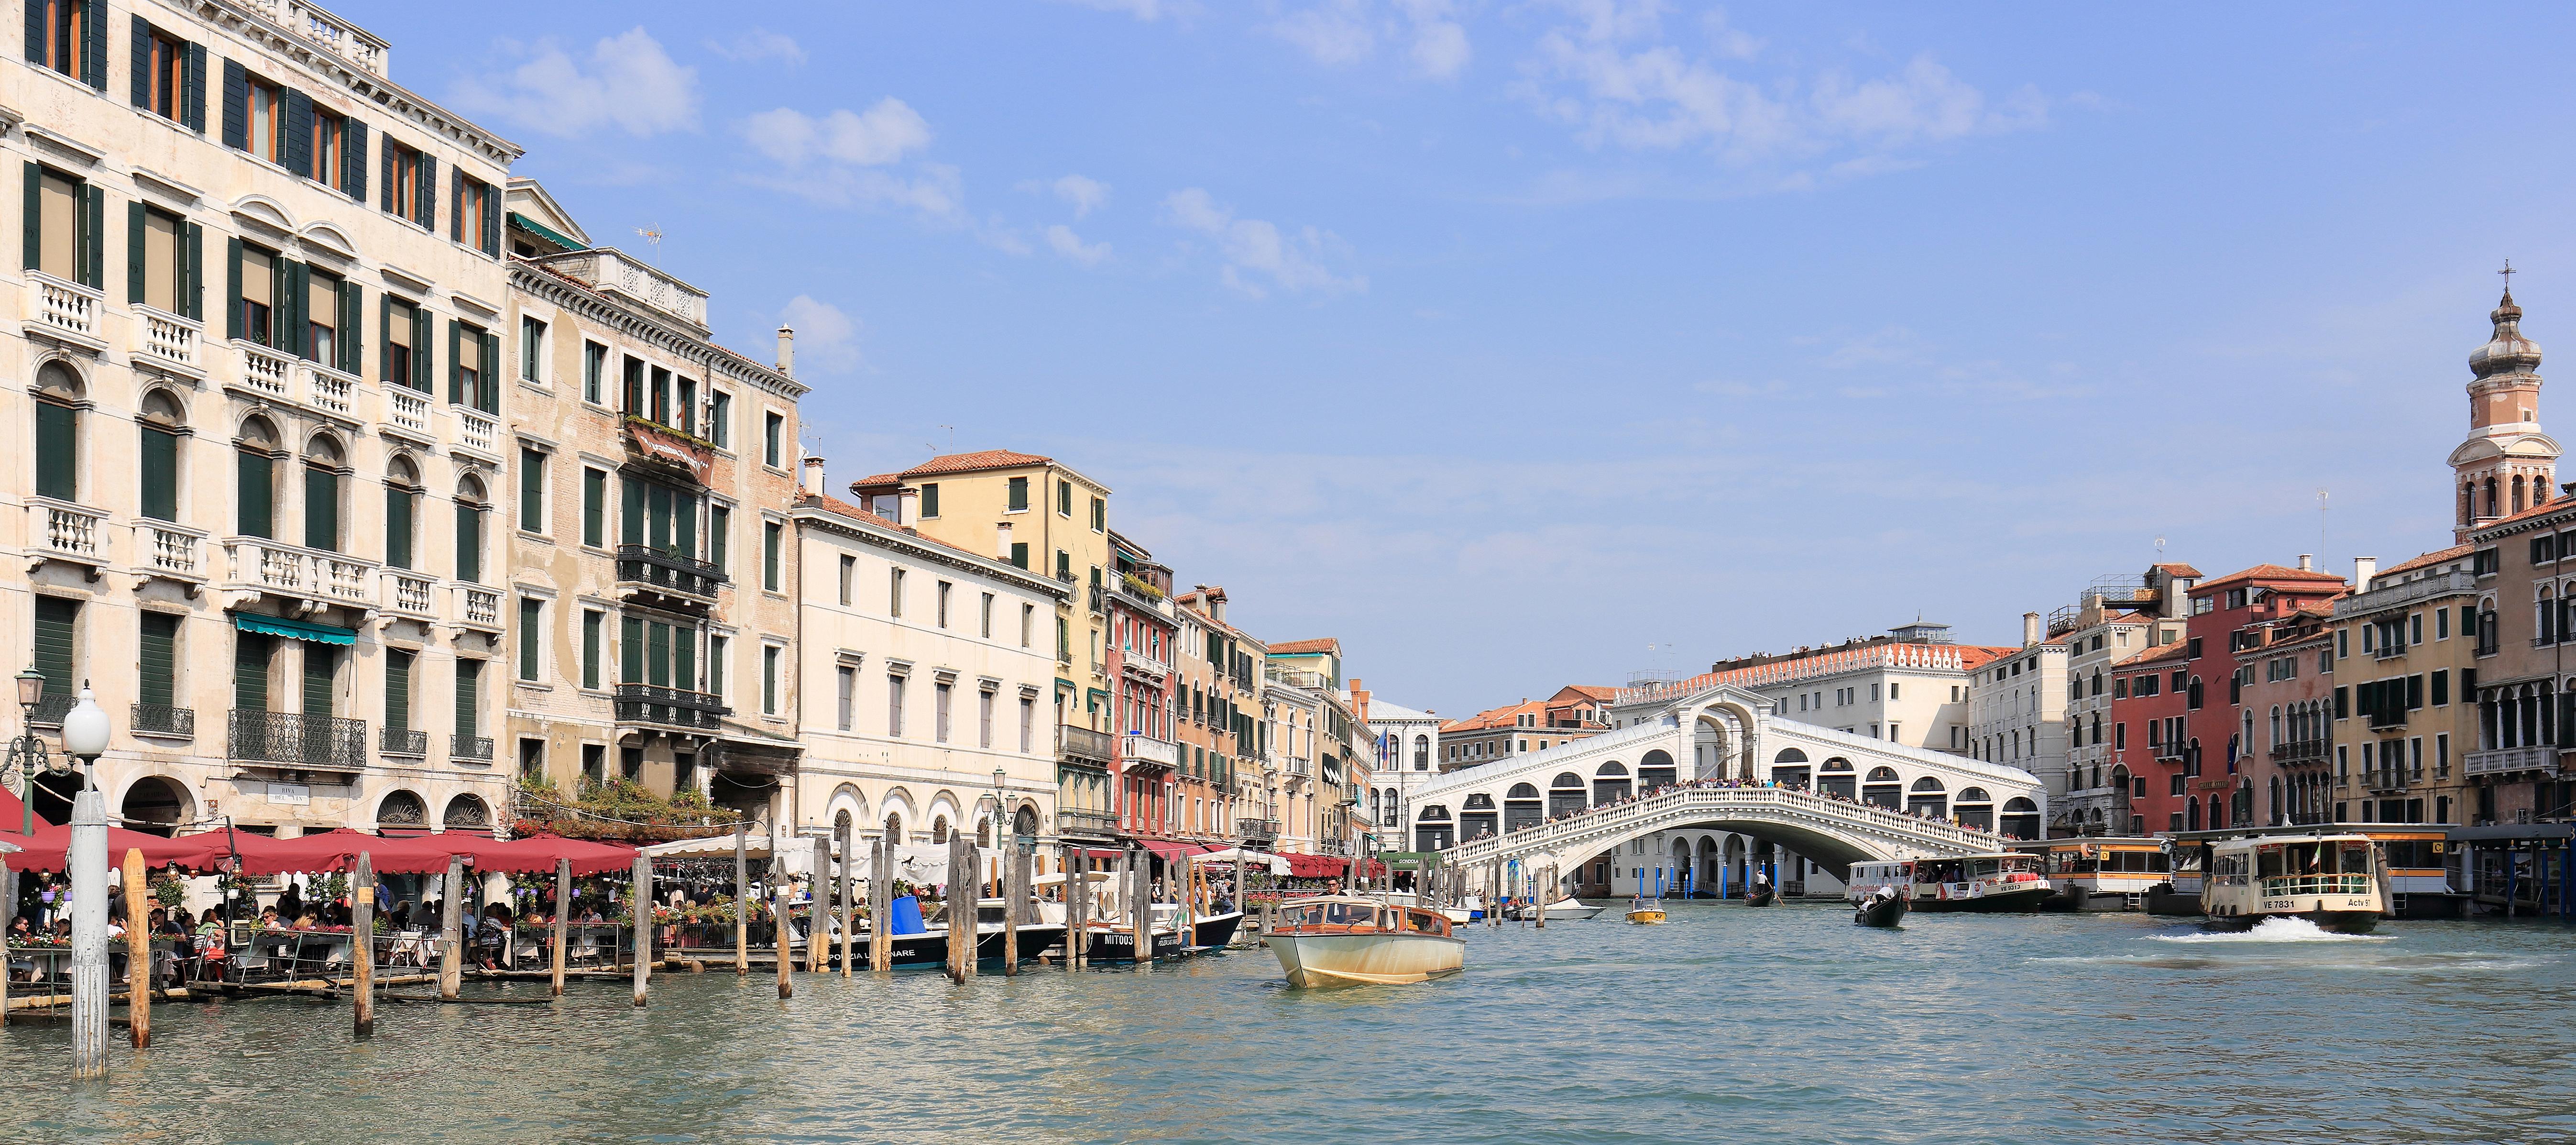 Venice Wikipedia